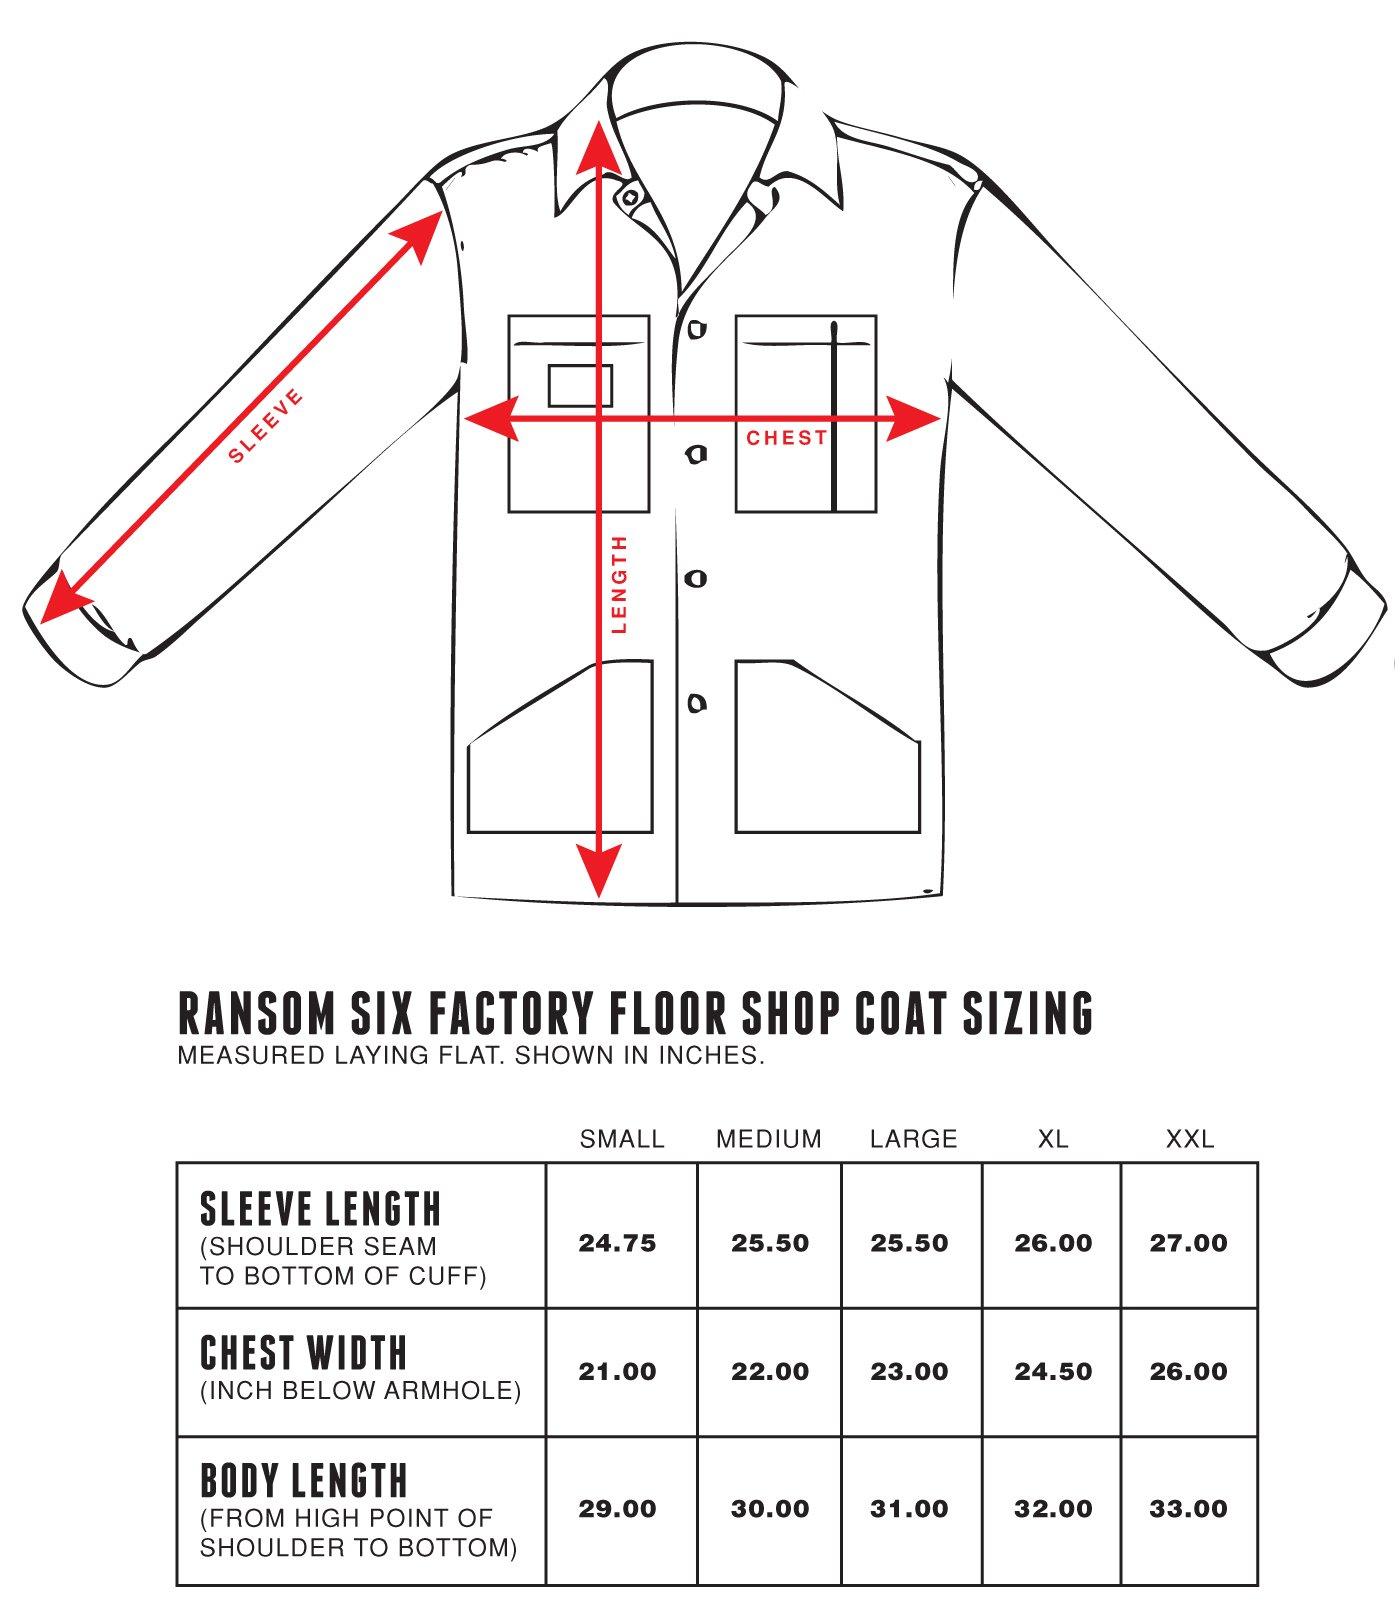 Image of Factory Floor Shop Coat - Navy